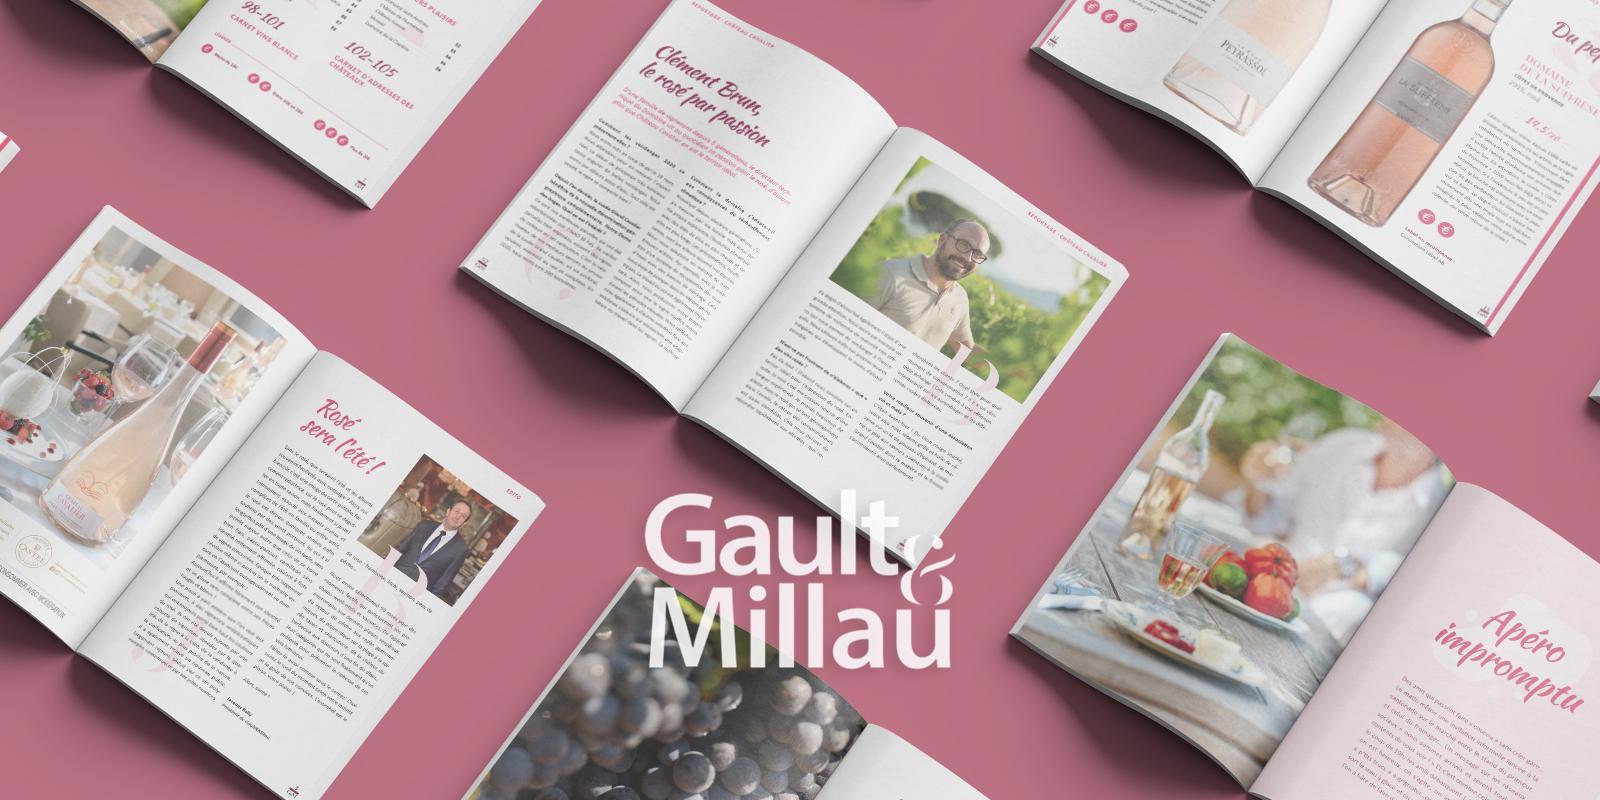 vignette Gault&Millau carnet été rosé